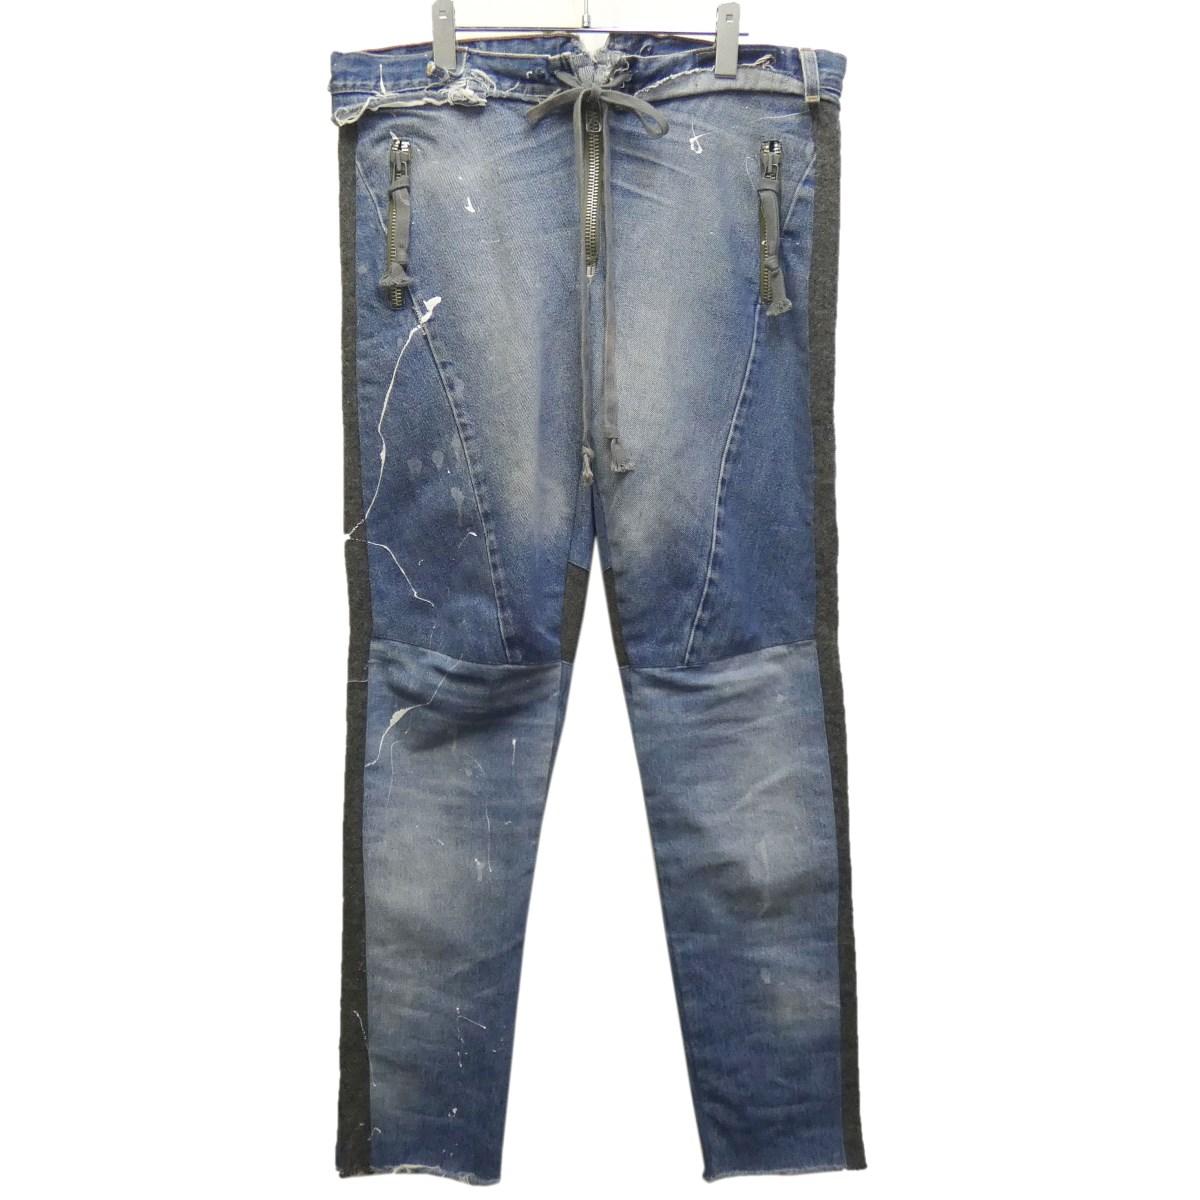 【中古】GREG LAUREN 「THE GLI AS01 PANT」 リメイクドローストリングデニムパンツ インディゴ サイズ:0 【240320】(グレッグローレン)